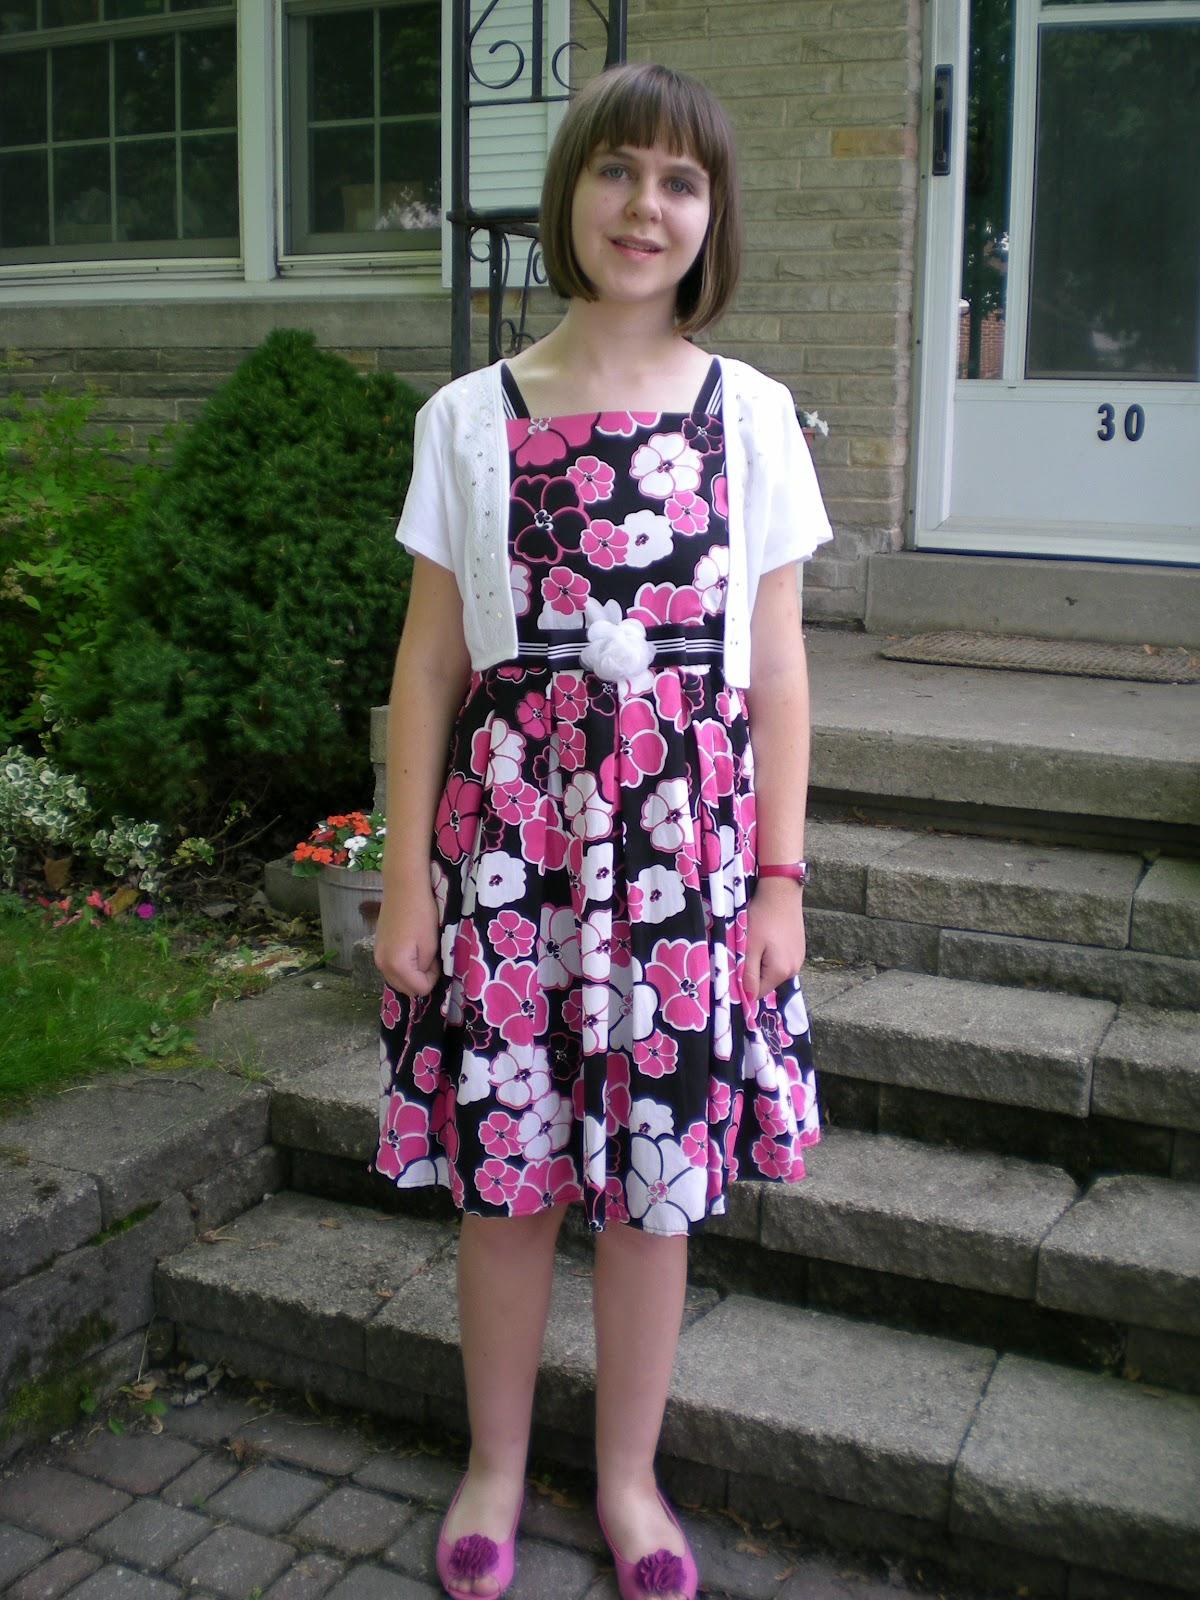 Grade graduation dresses inspiration for